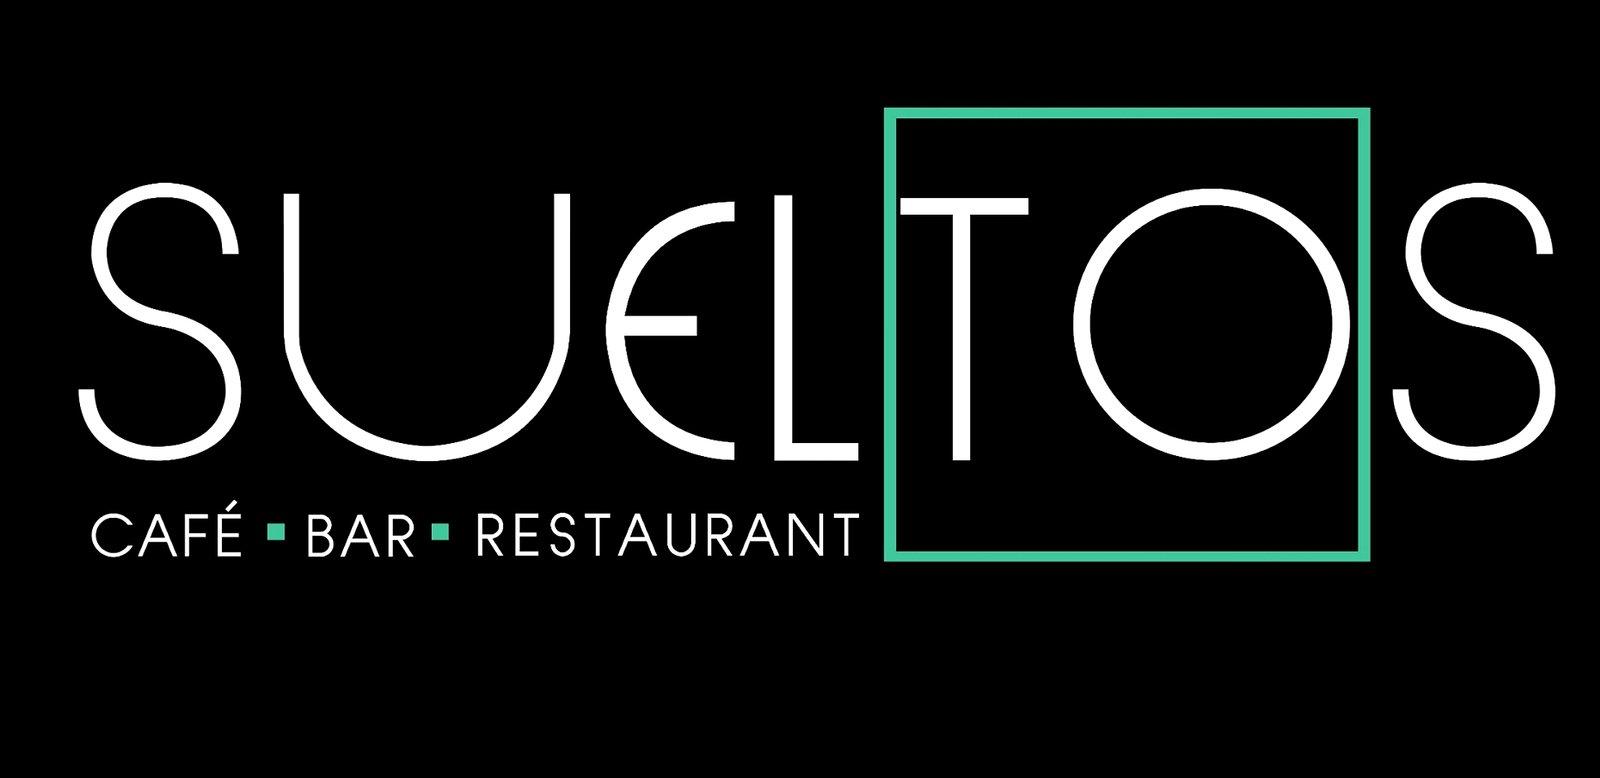 Sueltos Cafe Bar Restaurant